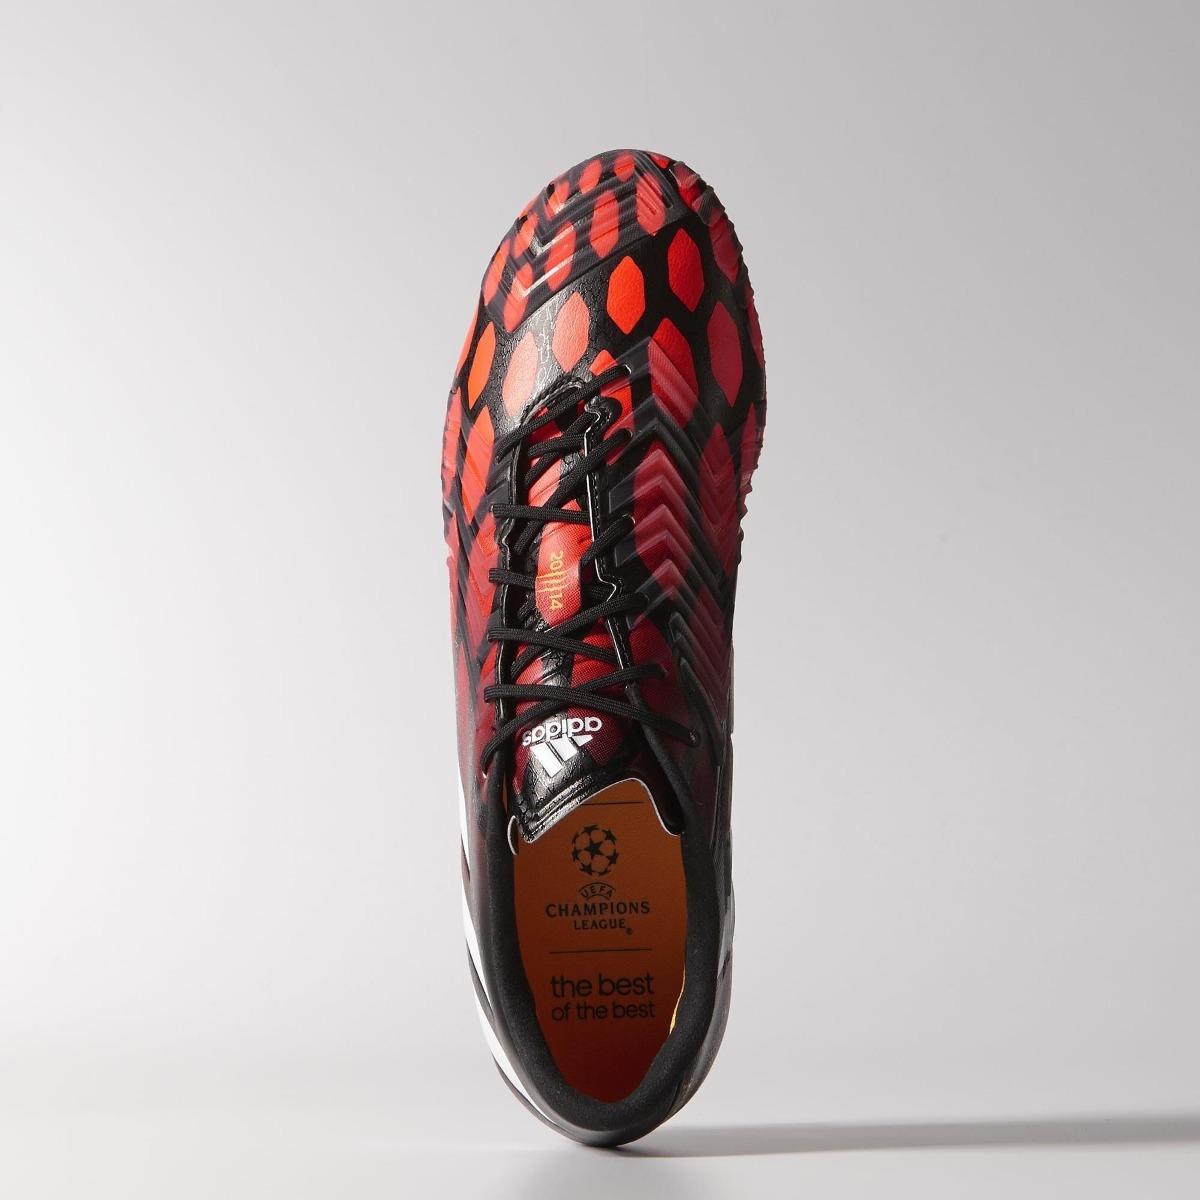 a5d441a62b ... chuteira campo adidas predator instinct sg original 1magnus. Carregando  zoom . good texture 37a2c 971af ...